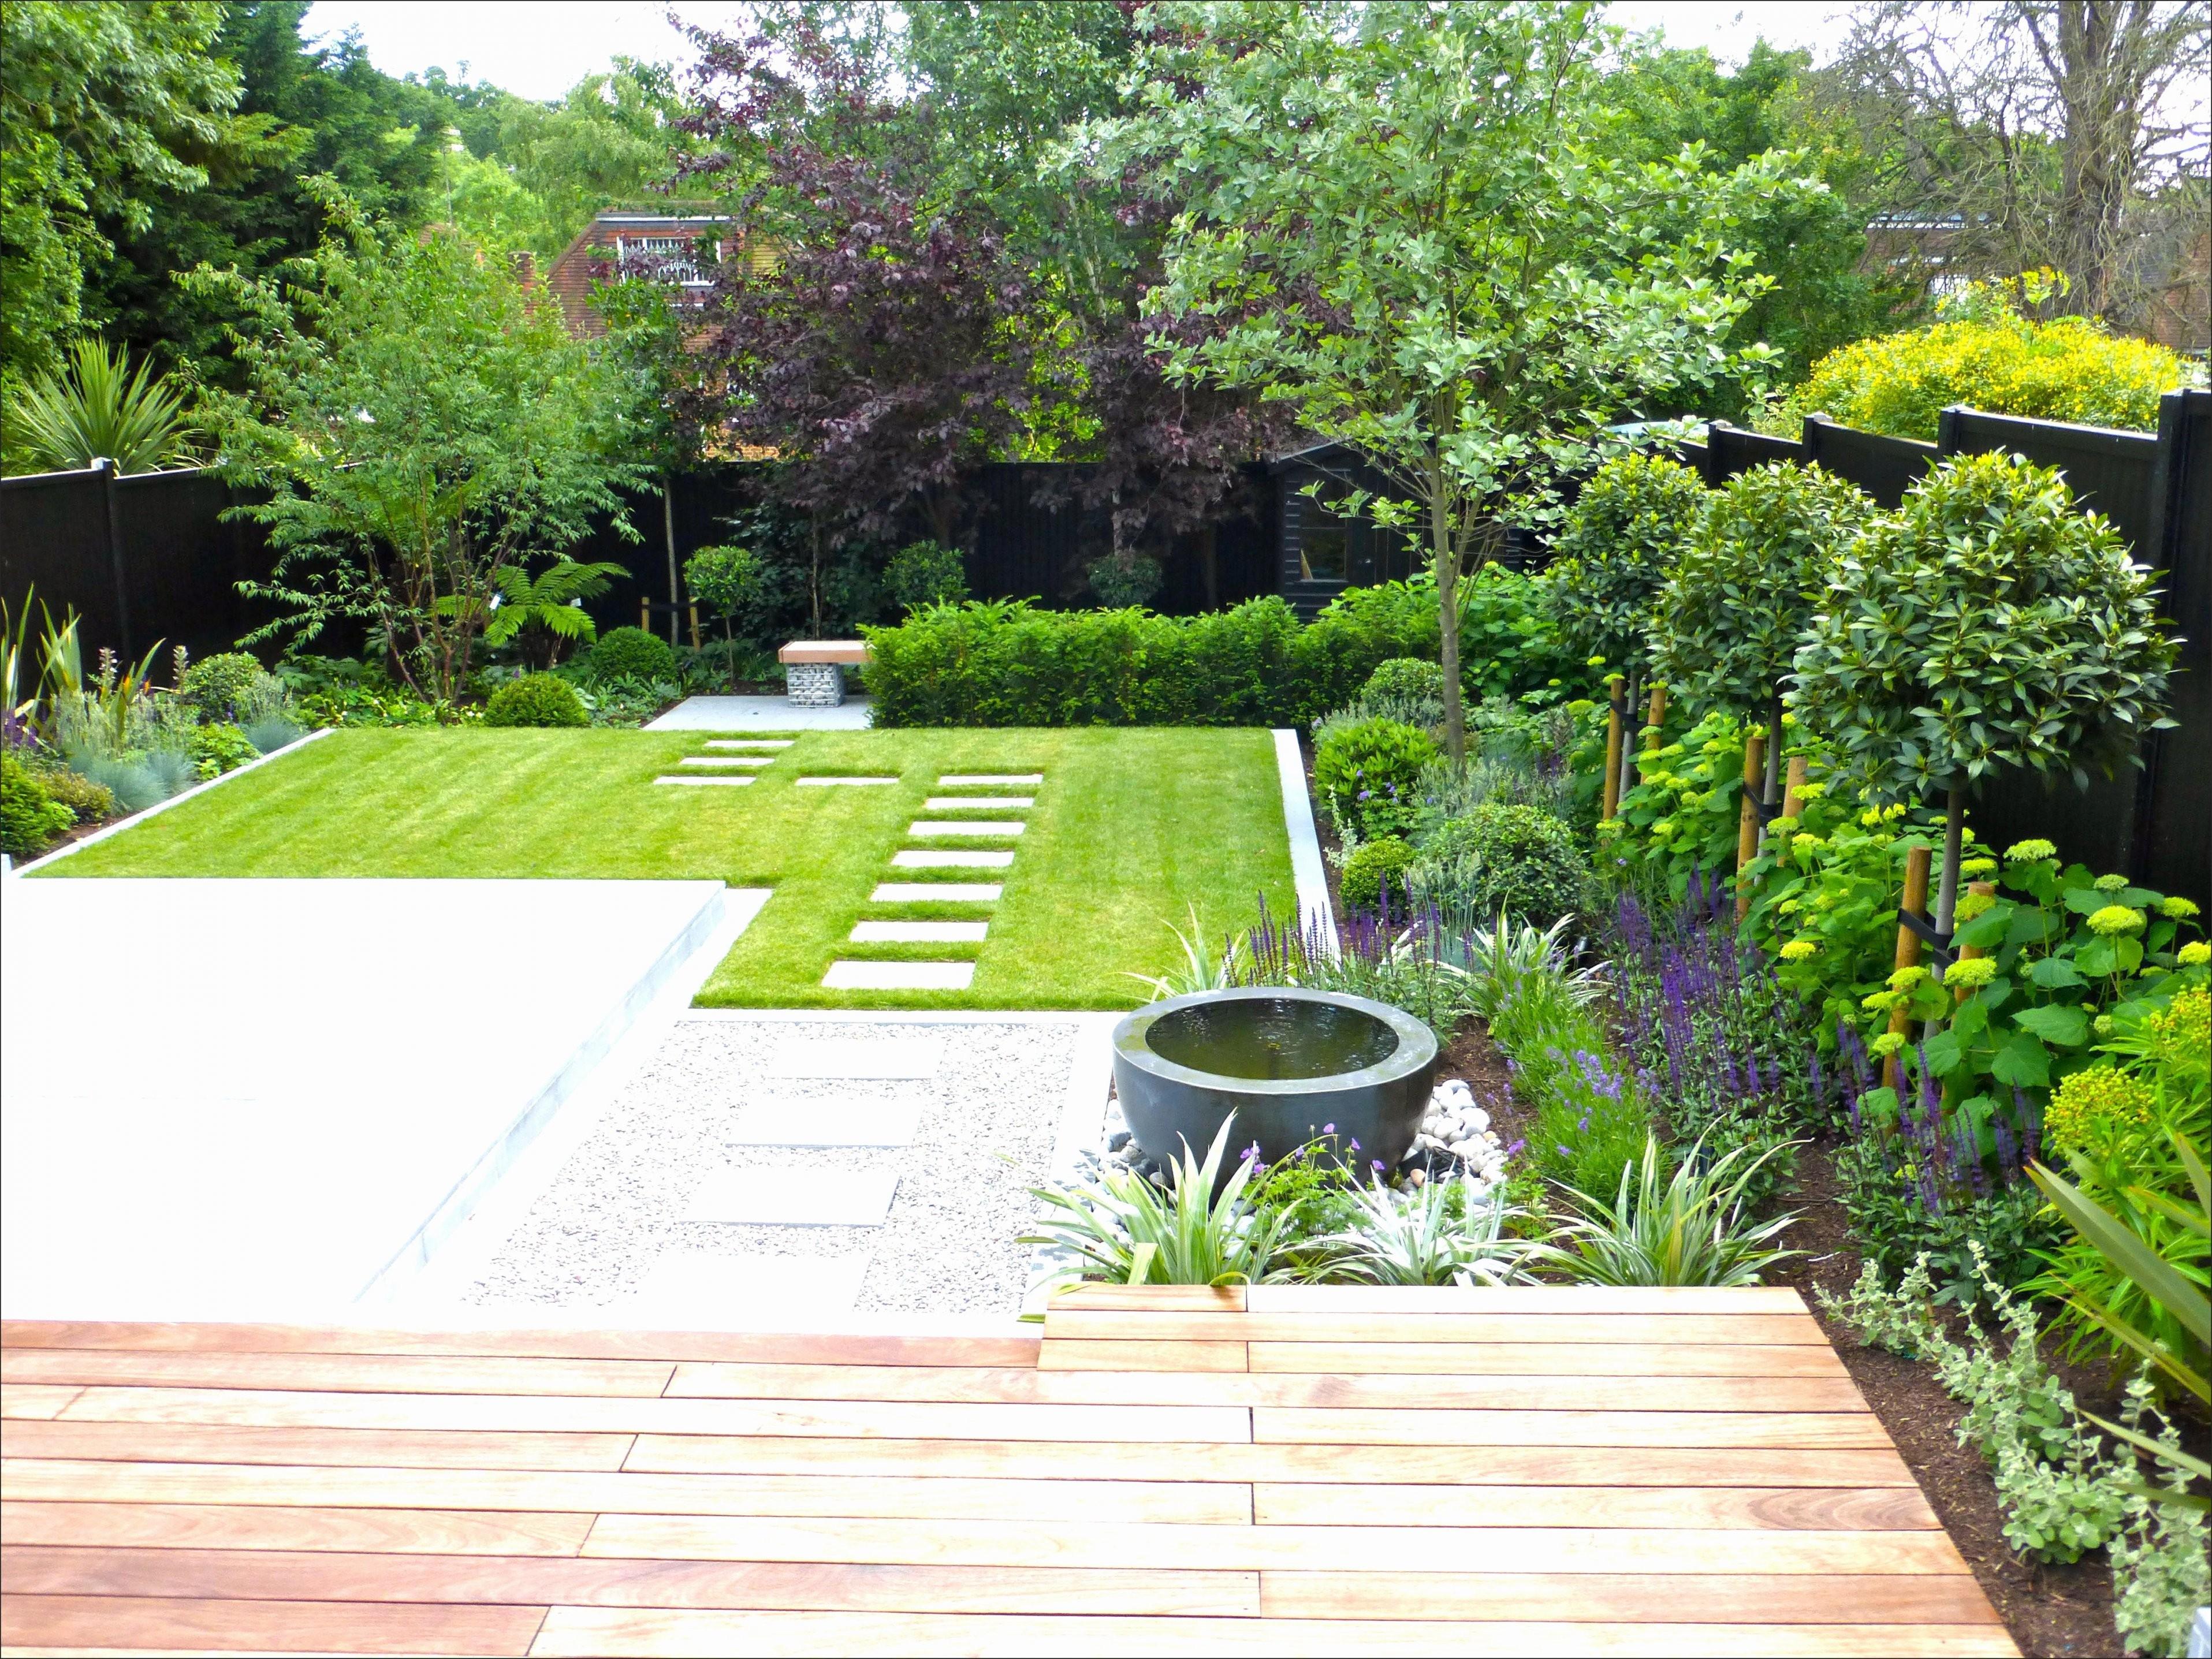 Japanischer Garten Bilder Kostenlos Schön Sichtschutz Hpl Hecke Am von Japanischer Garten Bilder Kostenlos Photo